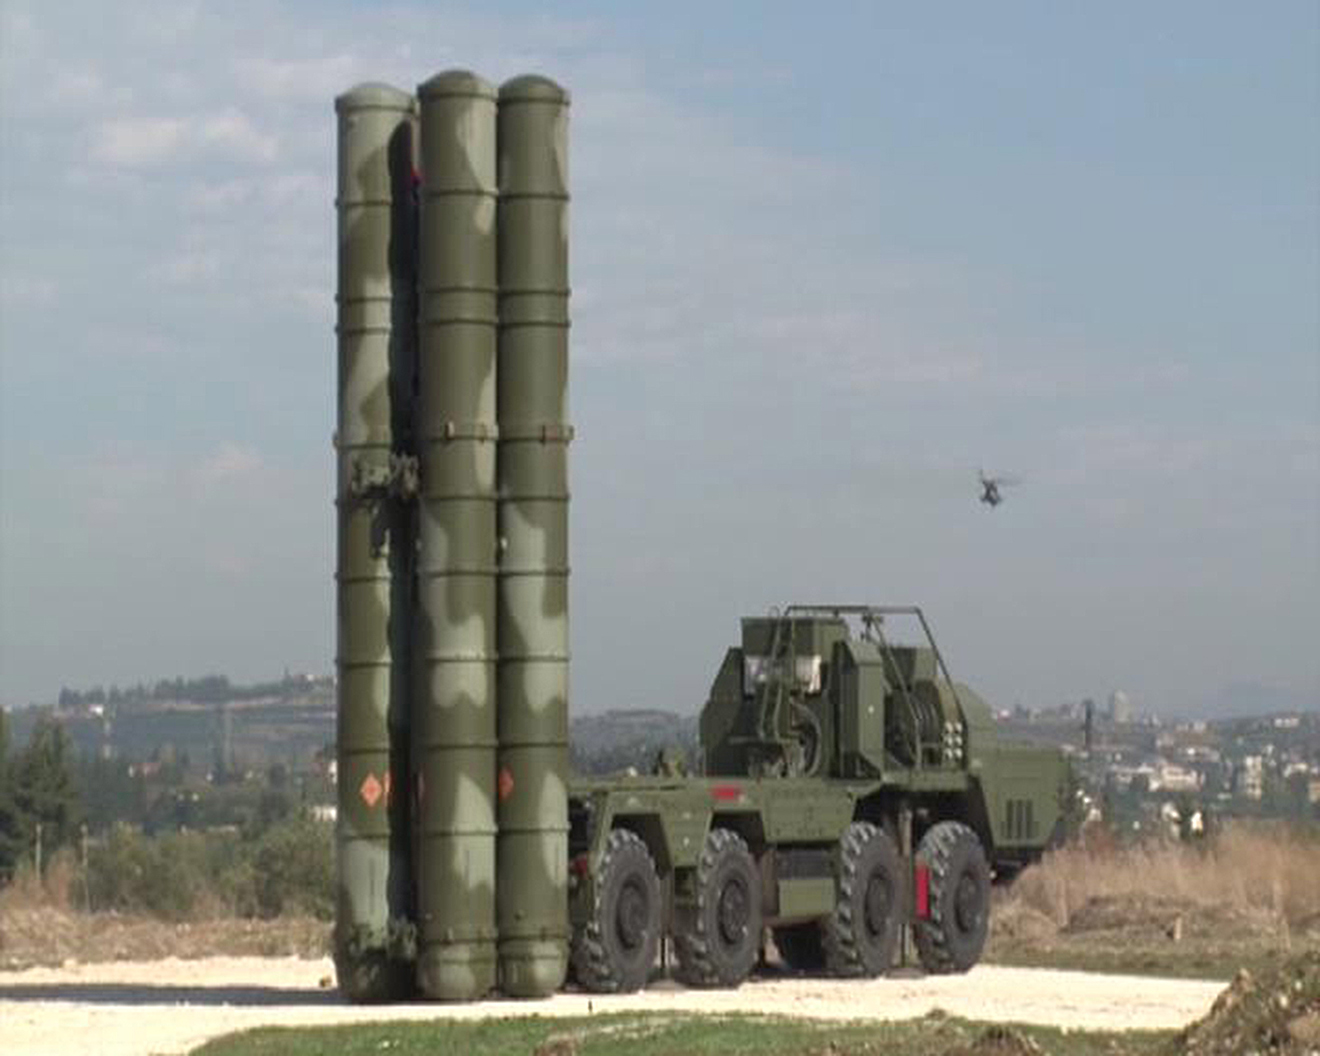 Развертывание российского зенитного ракетного комплекса С-400 на территории авиабазы Хмеймим в Сирии.